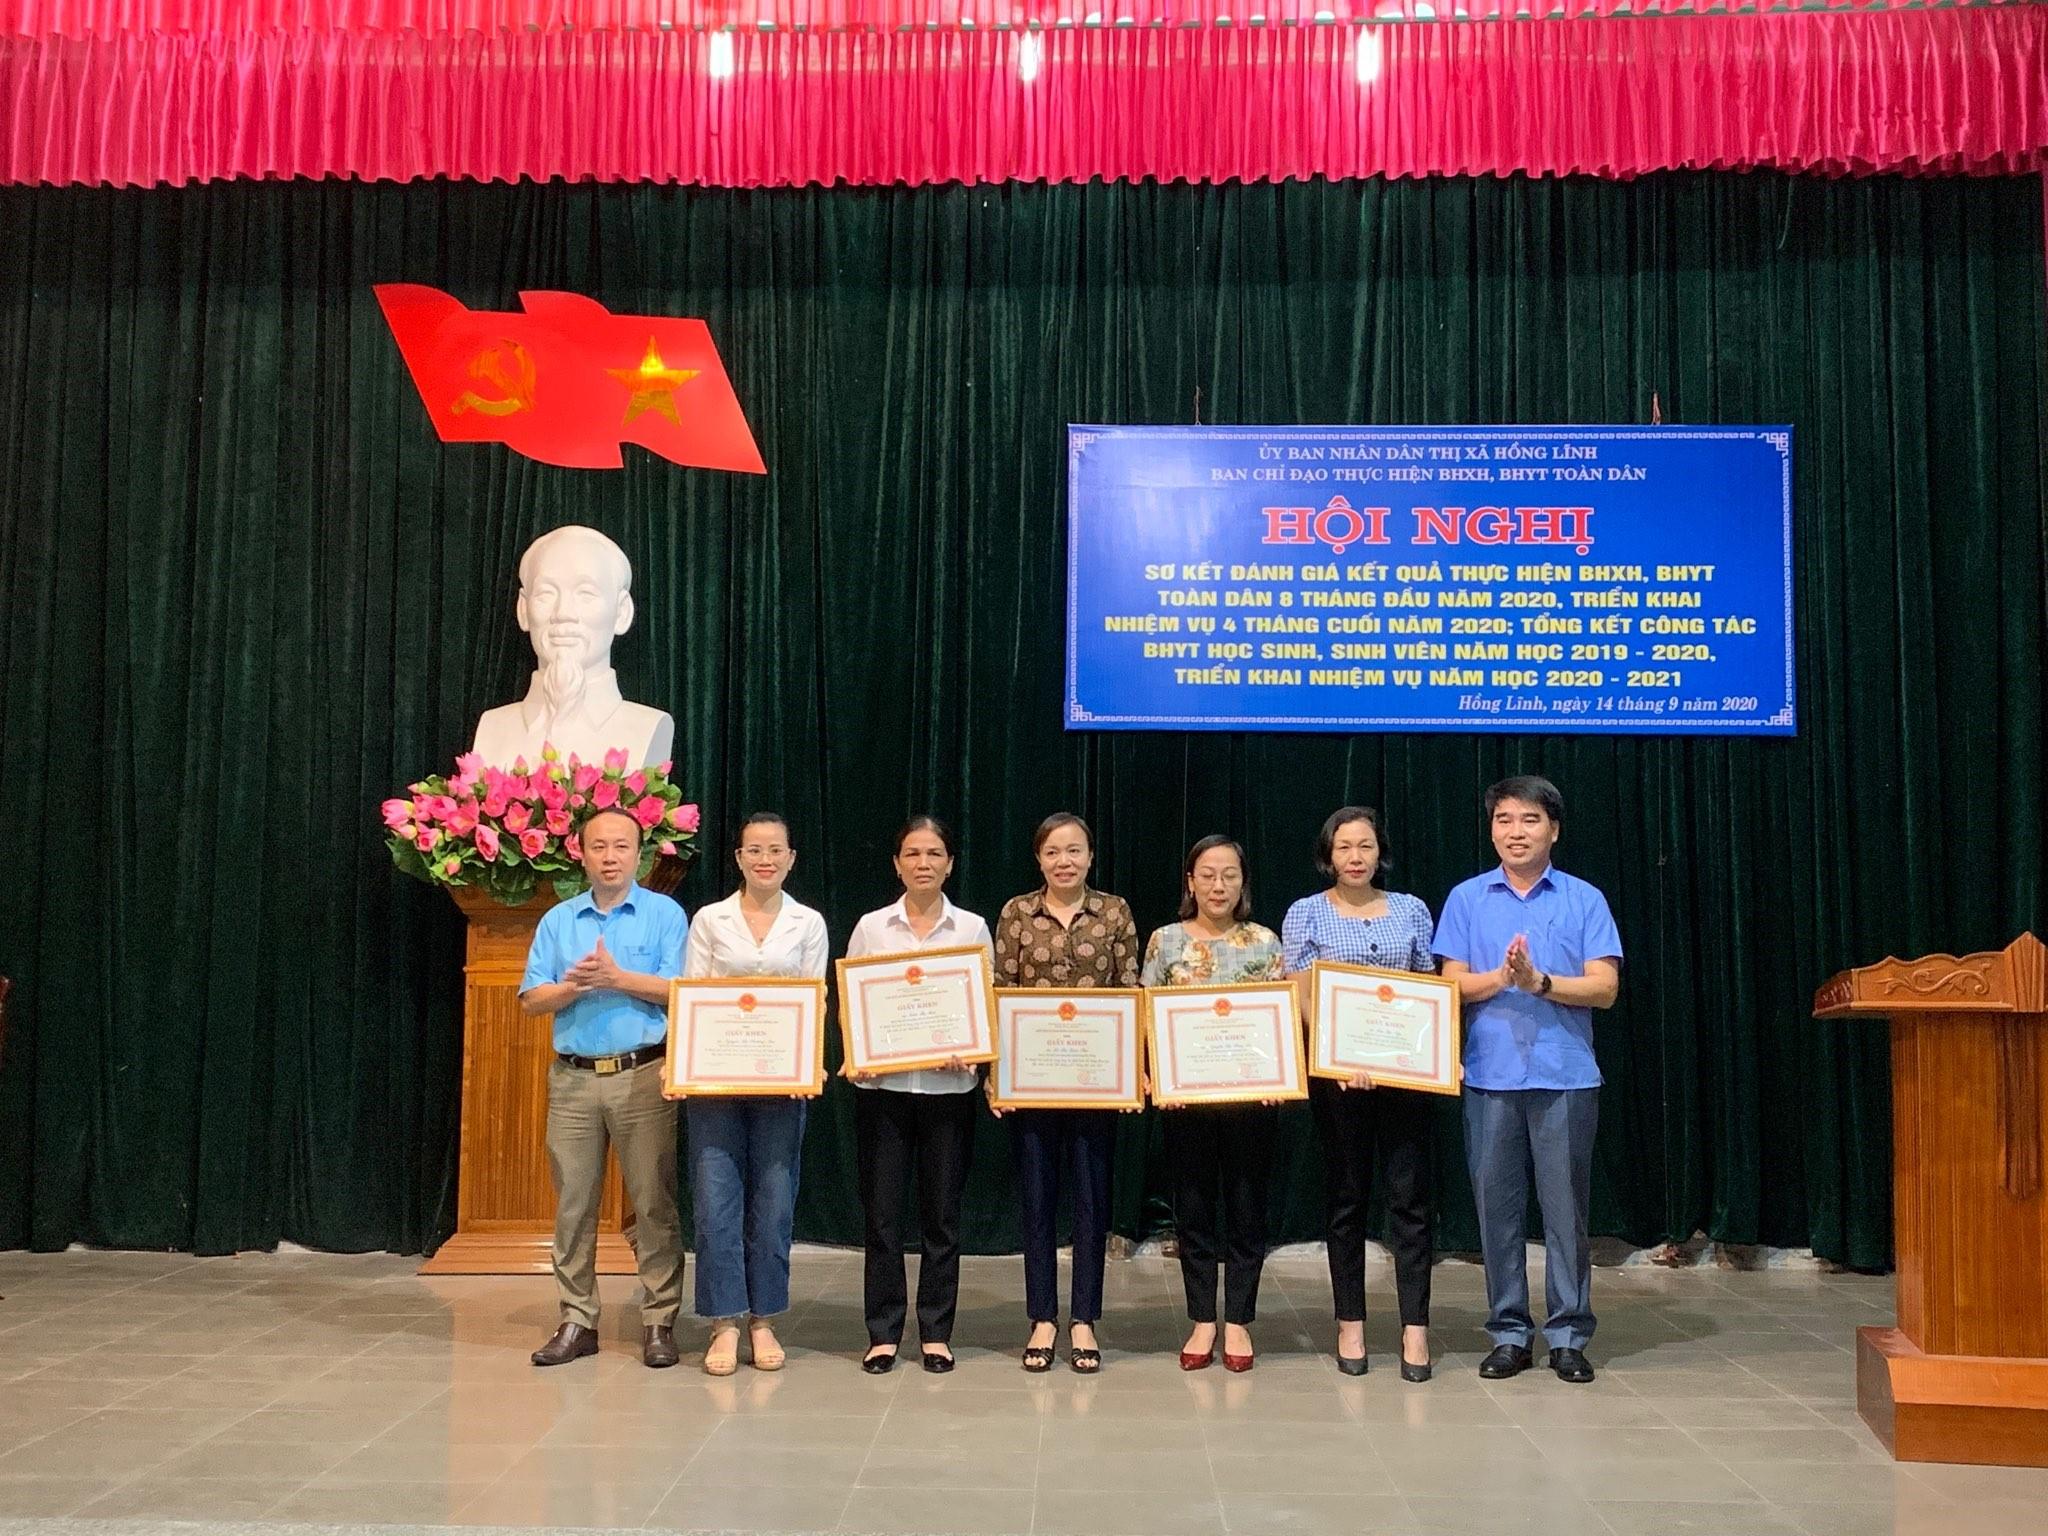 Thị xã Hồng Lĩnh Đảm bảo duy trì 100 học sinh, sinh viên tham gia BHYT